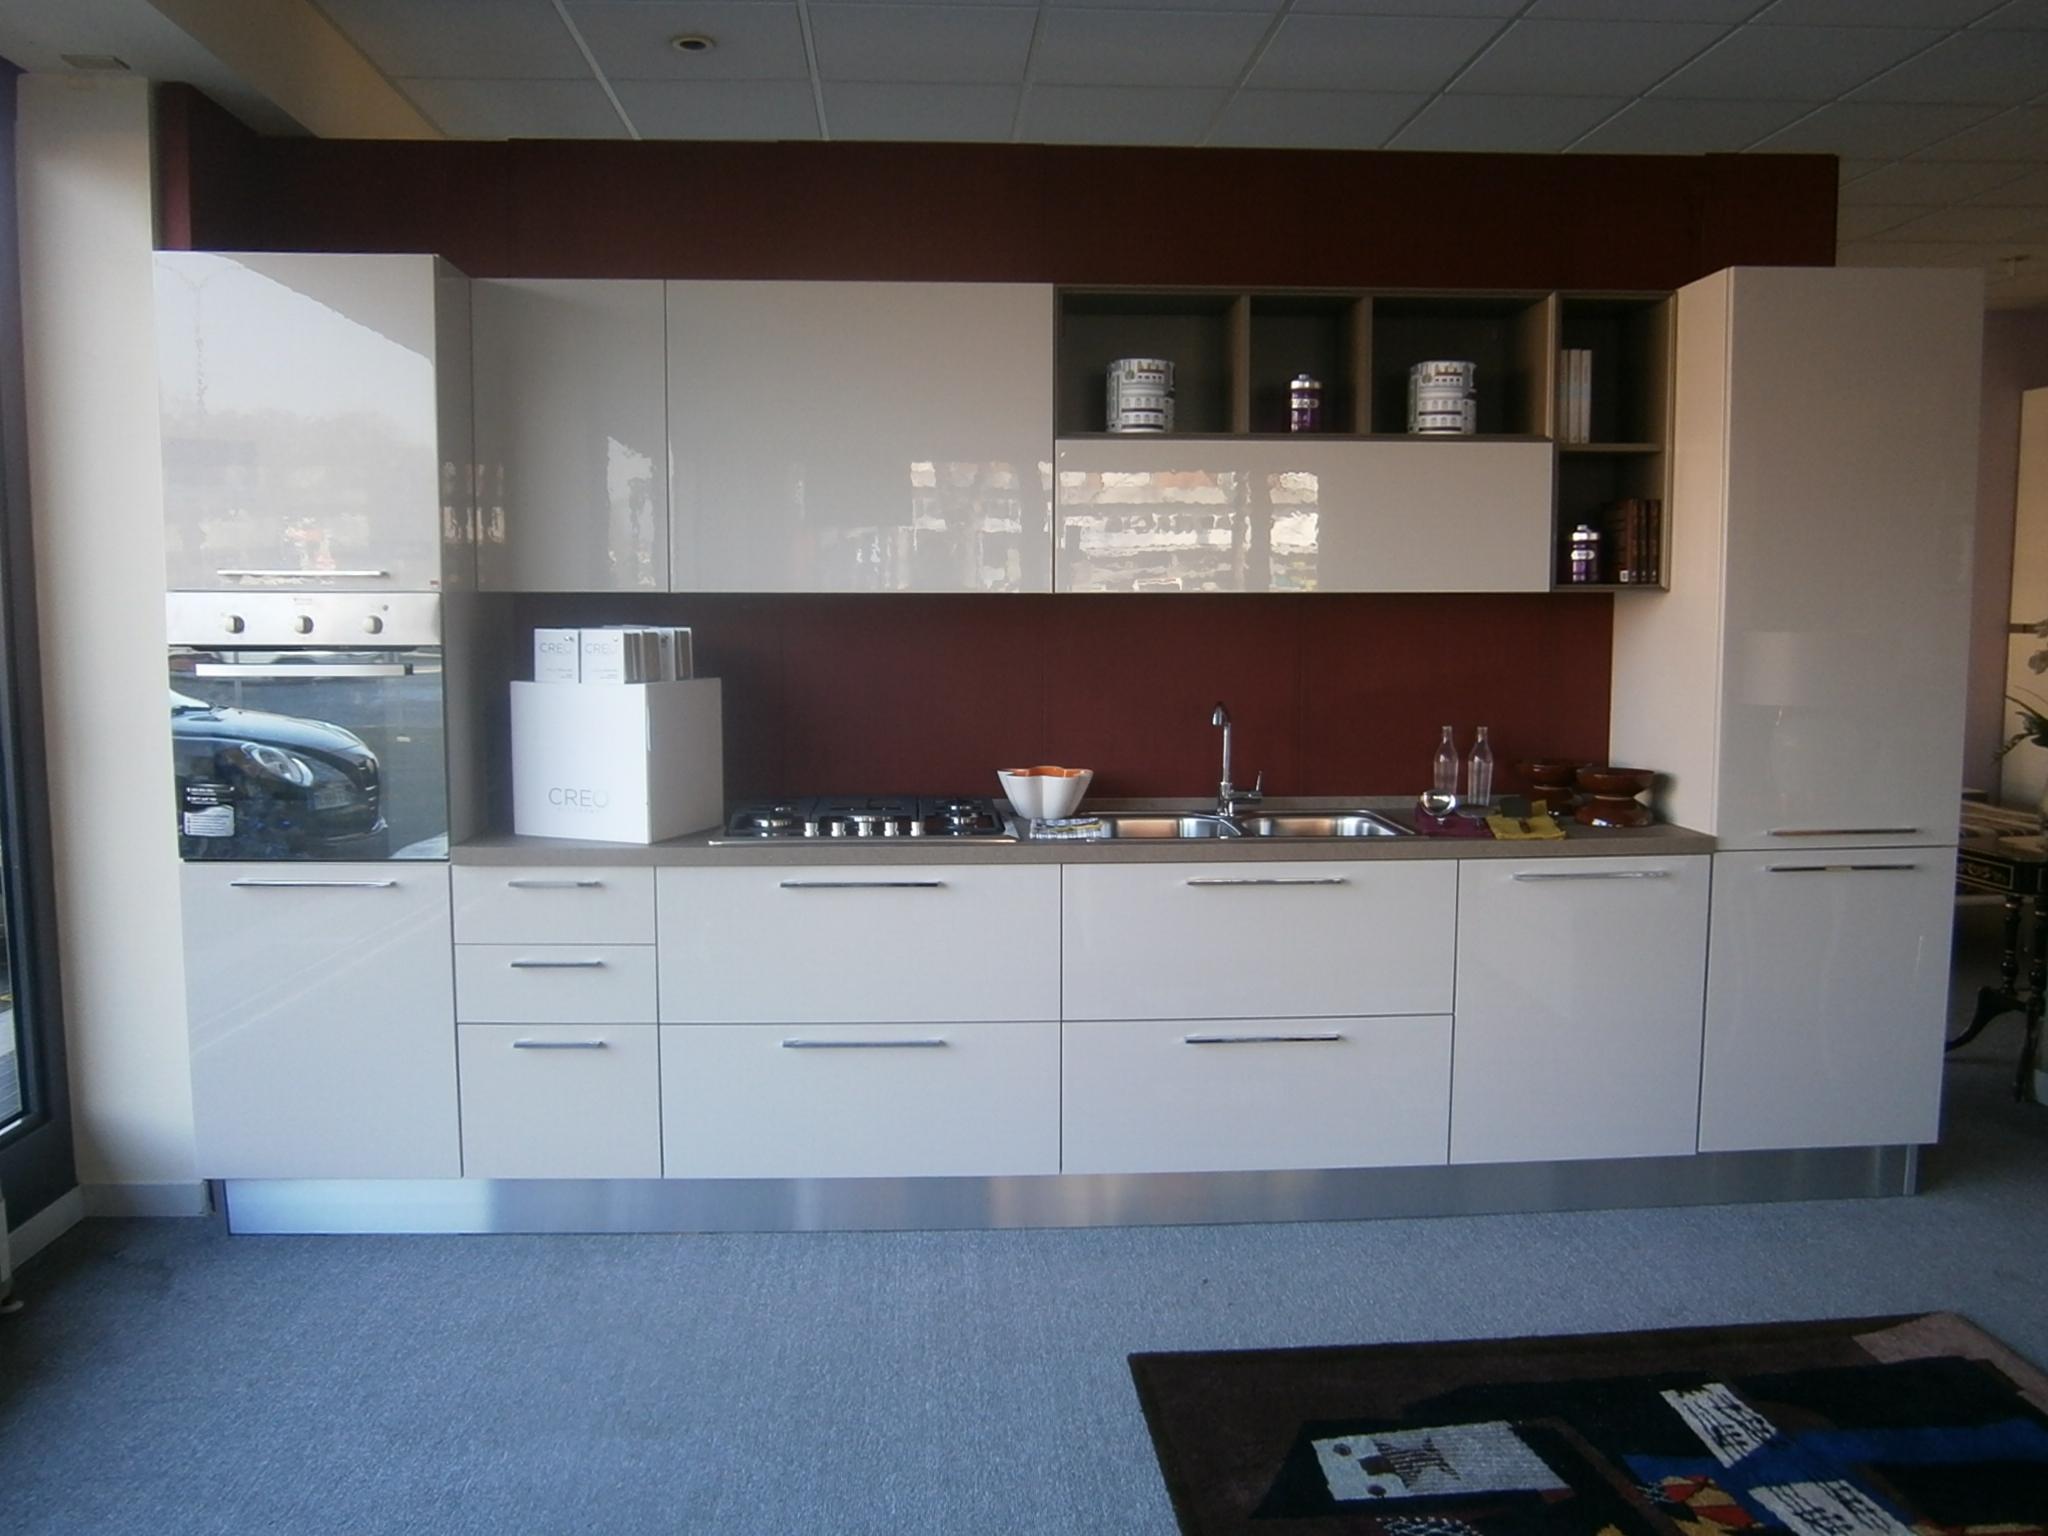 Cucina creo kitchens creo modello zoe laminato acrilico for Cucina zoe